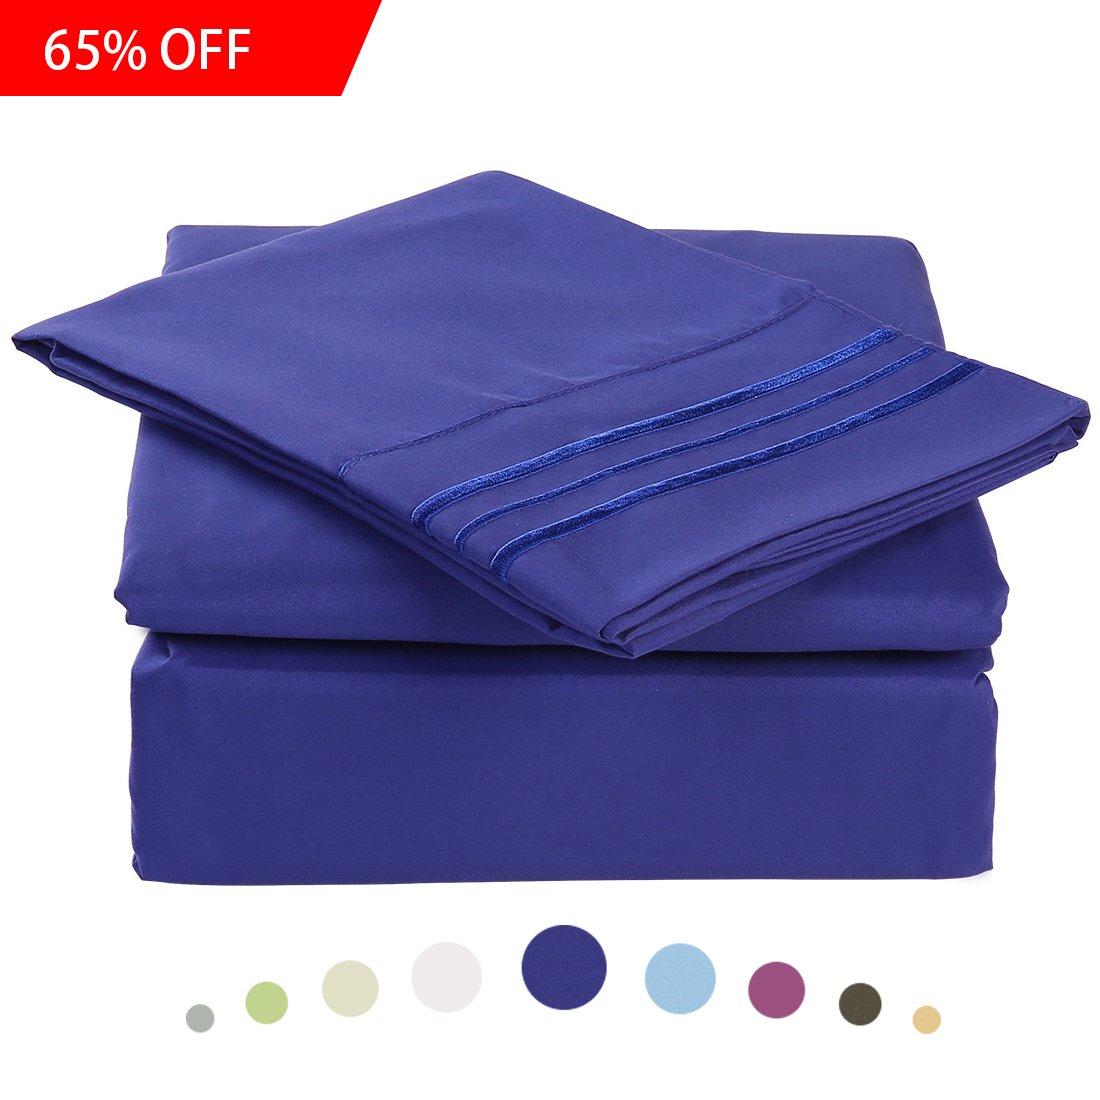 ベッドシートセット – マイクロファイバー寝具深いポケットシート4 pc by Maevis ツイン ブルー B0711YY8L6 ツイン|ネイビーブルー ネイビーブルー ツイン